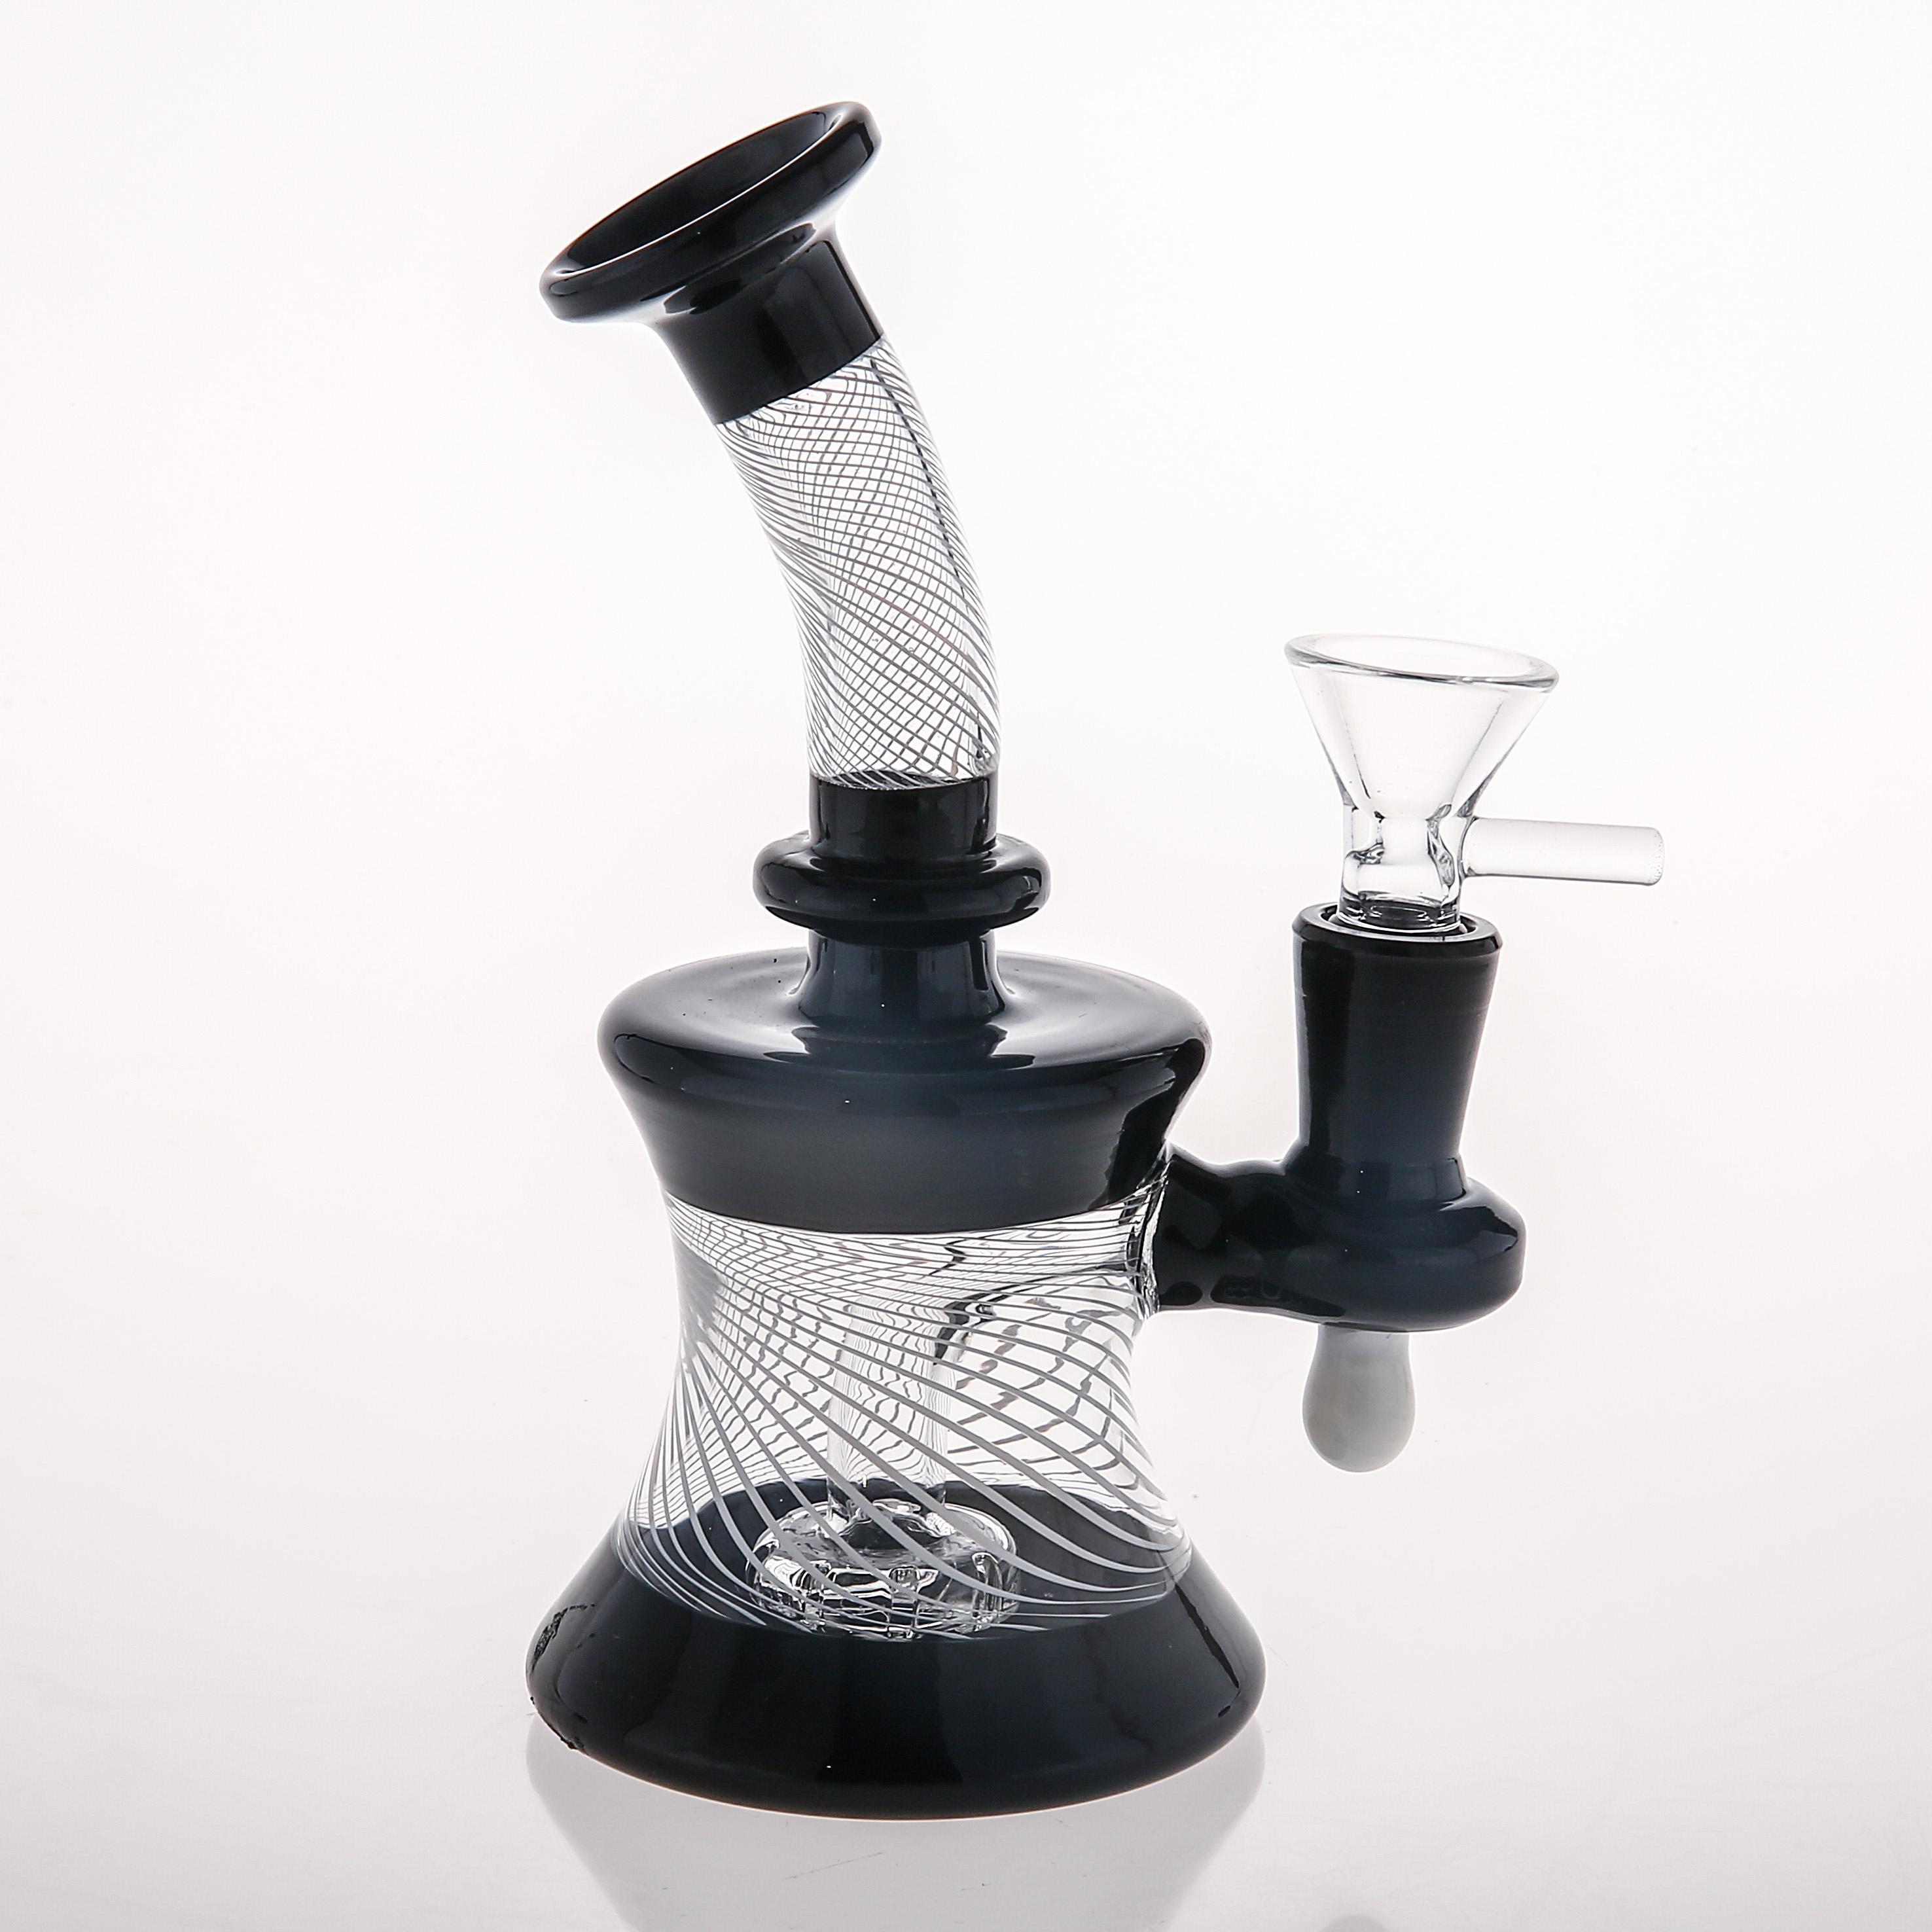 Stokta Cam Bongs Perclator Sigara Recycler Oil Parçaları Cam Bonglar PERC Randomll Ortak 14.4mm Gönderim Hazır Sigara İçilebilir Su Boruları Nargile 15-29 cm 14.4 ve 18.8mm